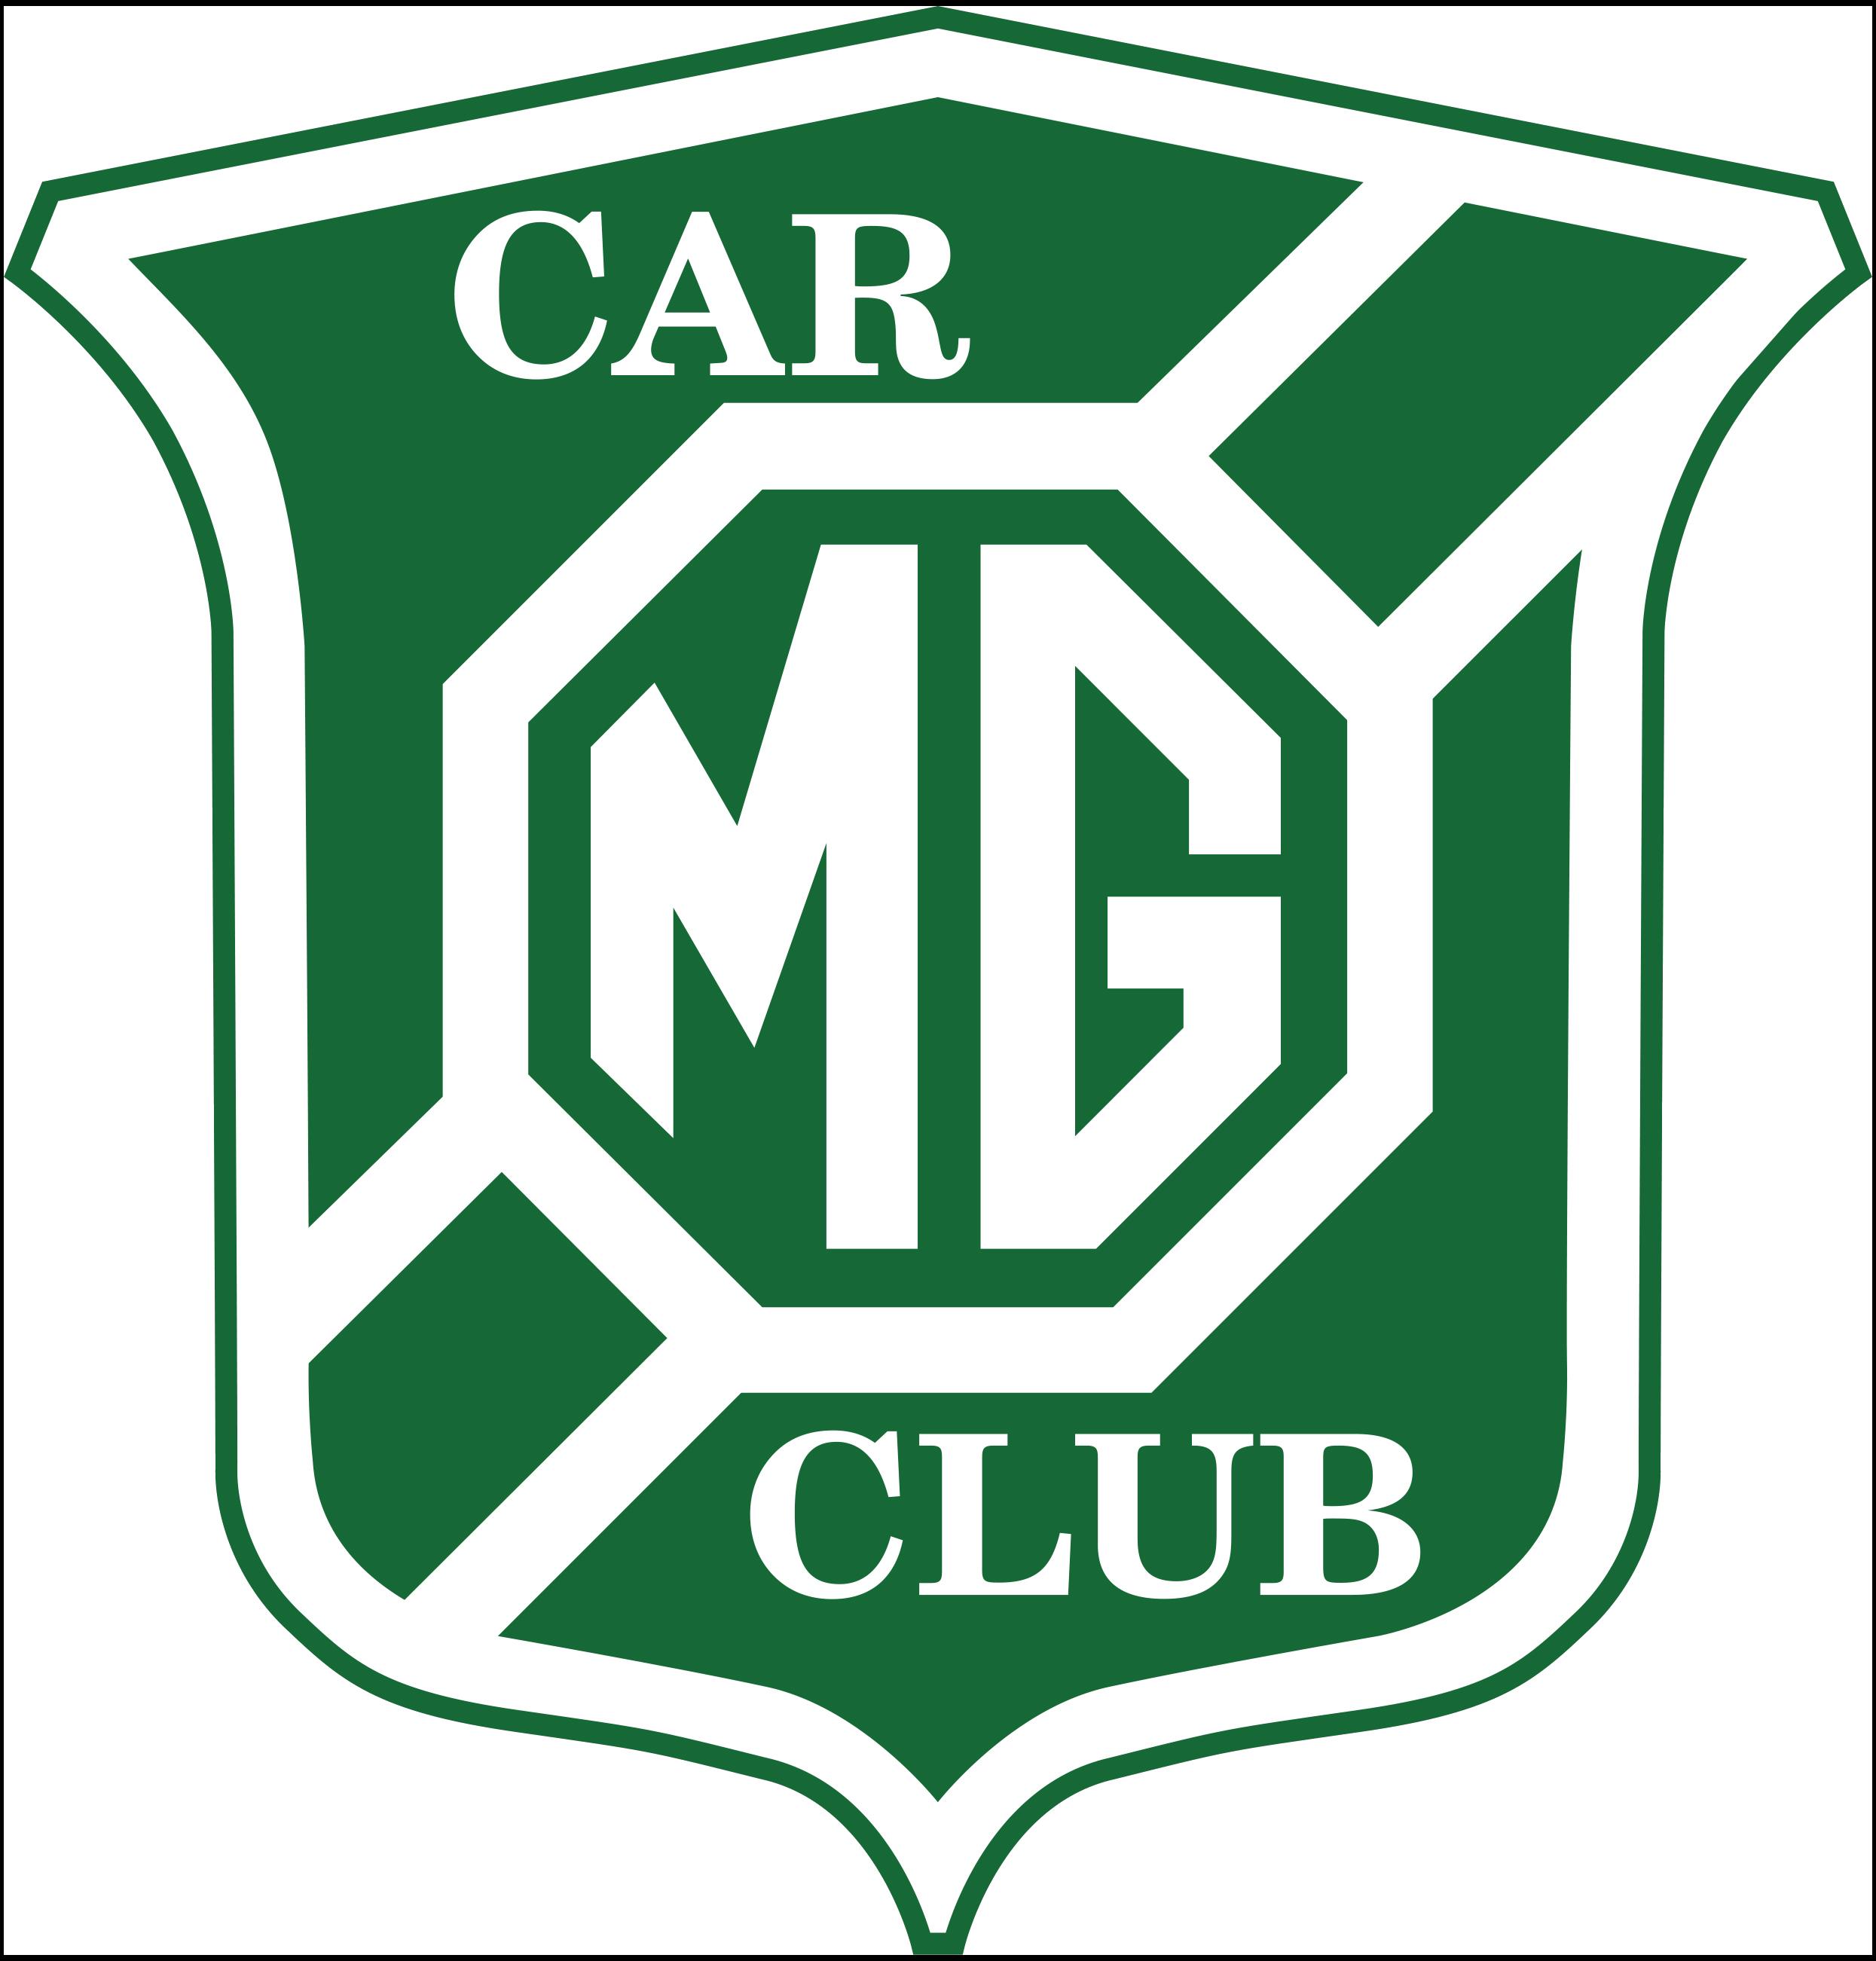 Mgcc Logo Png 1 1 Mg Car Club